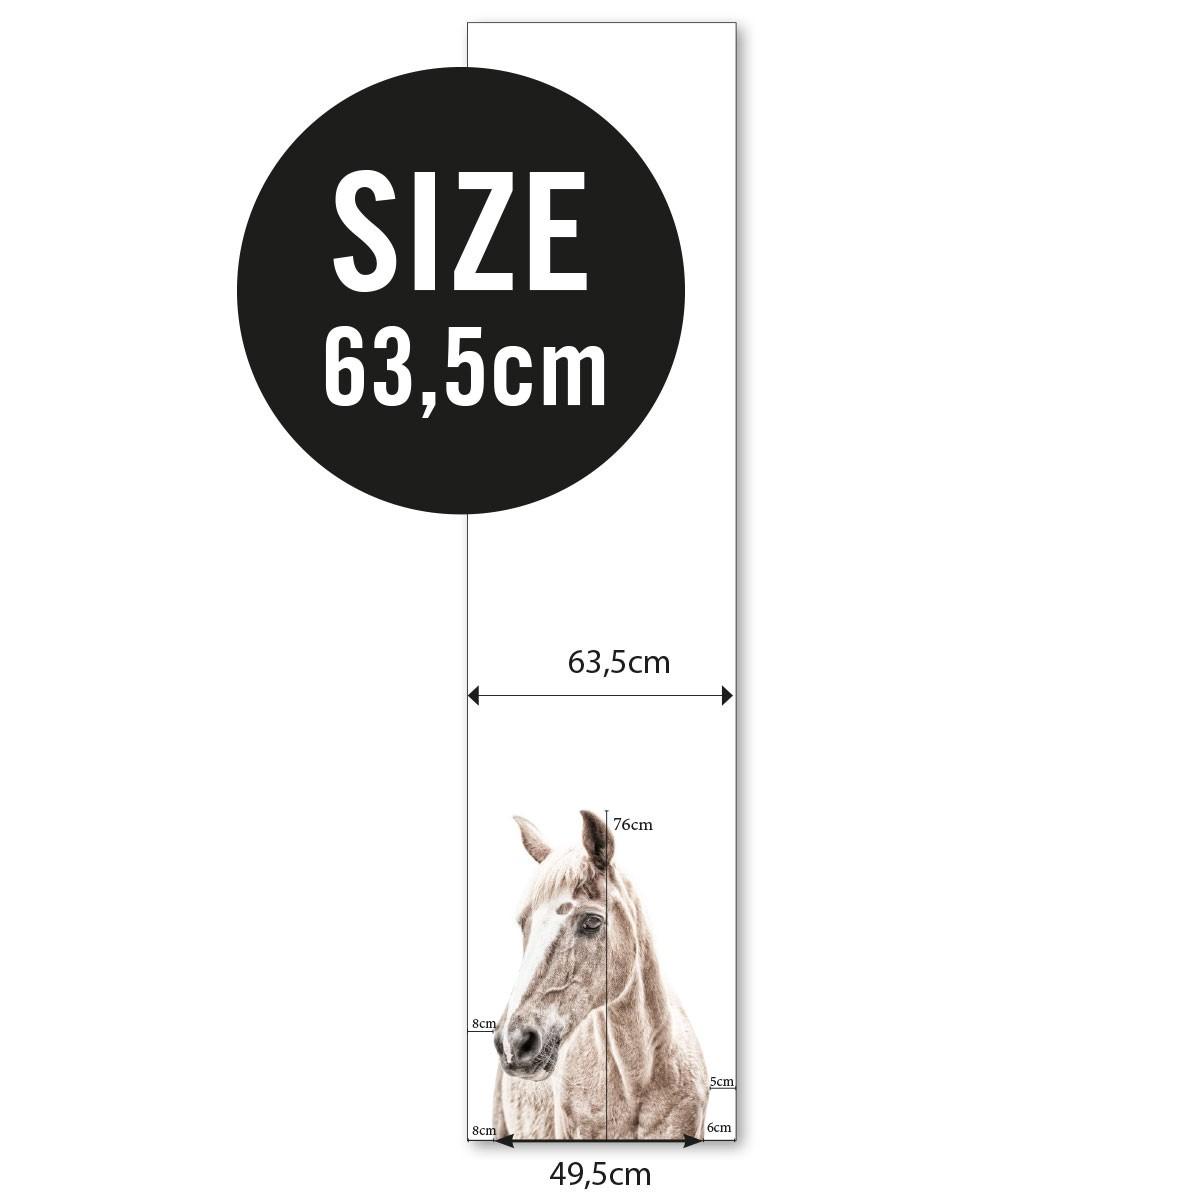 Magnettapet (63,5 x 265 cm) - HÄST - från Groovy magnets